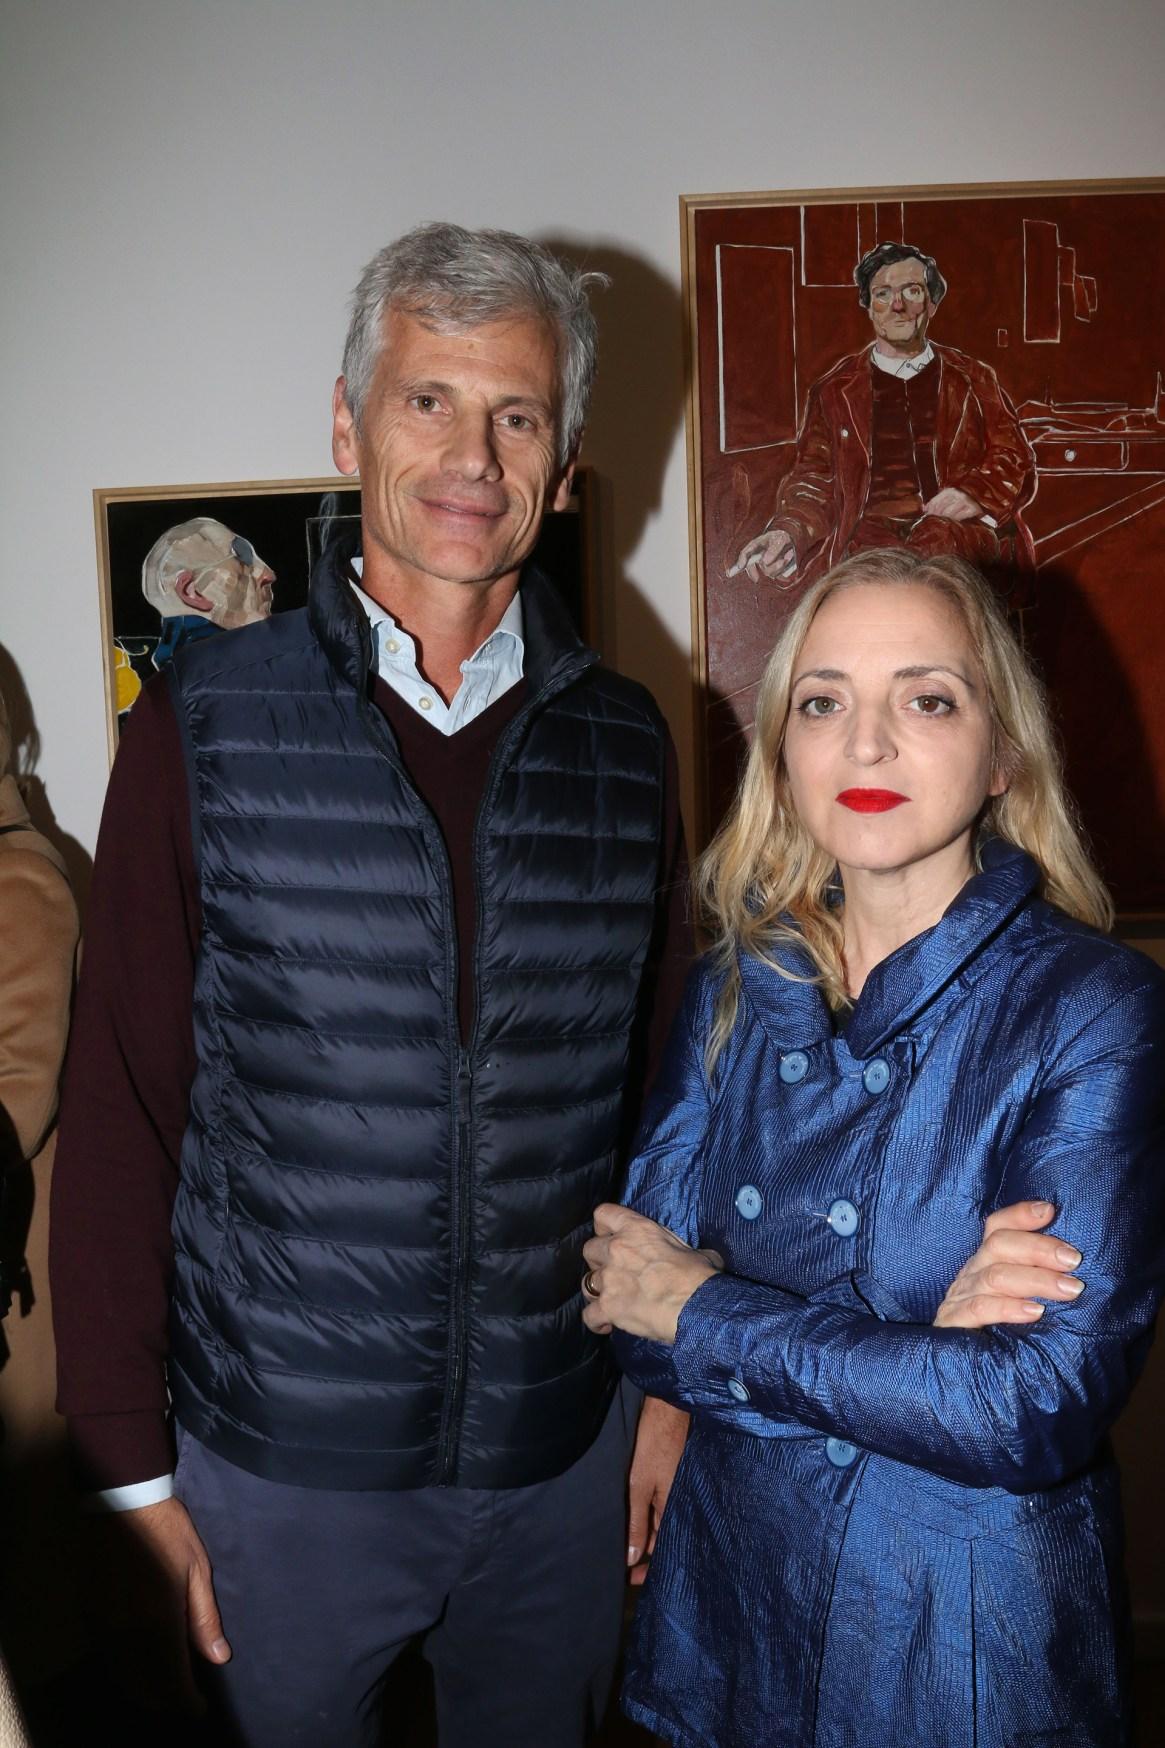 Guillermo Tempesta, vicepresidente de Santander Río, junto a la artista plástica Nicola Costantino